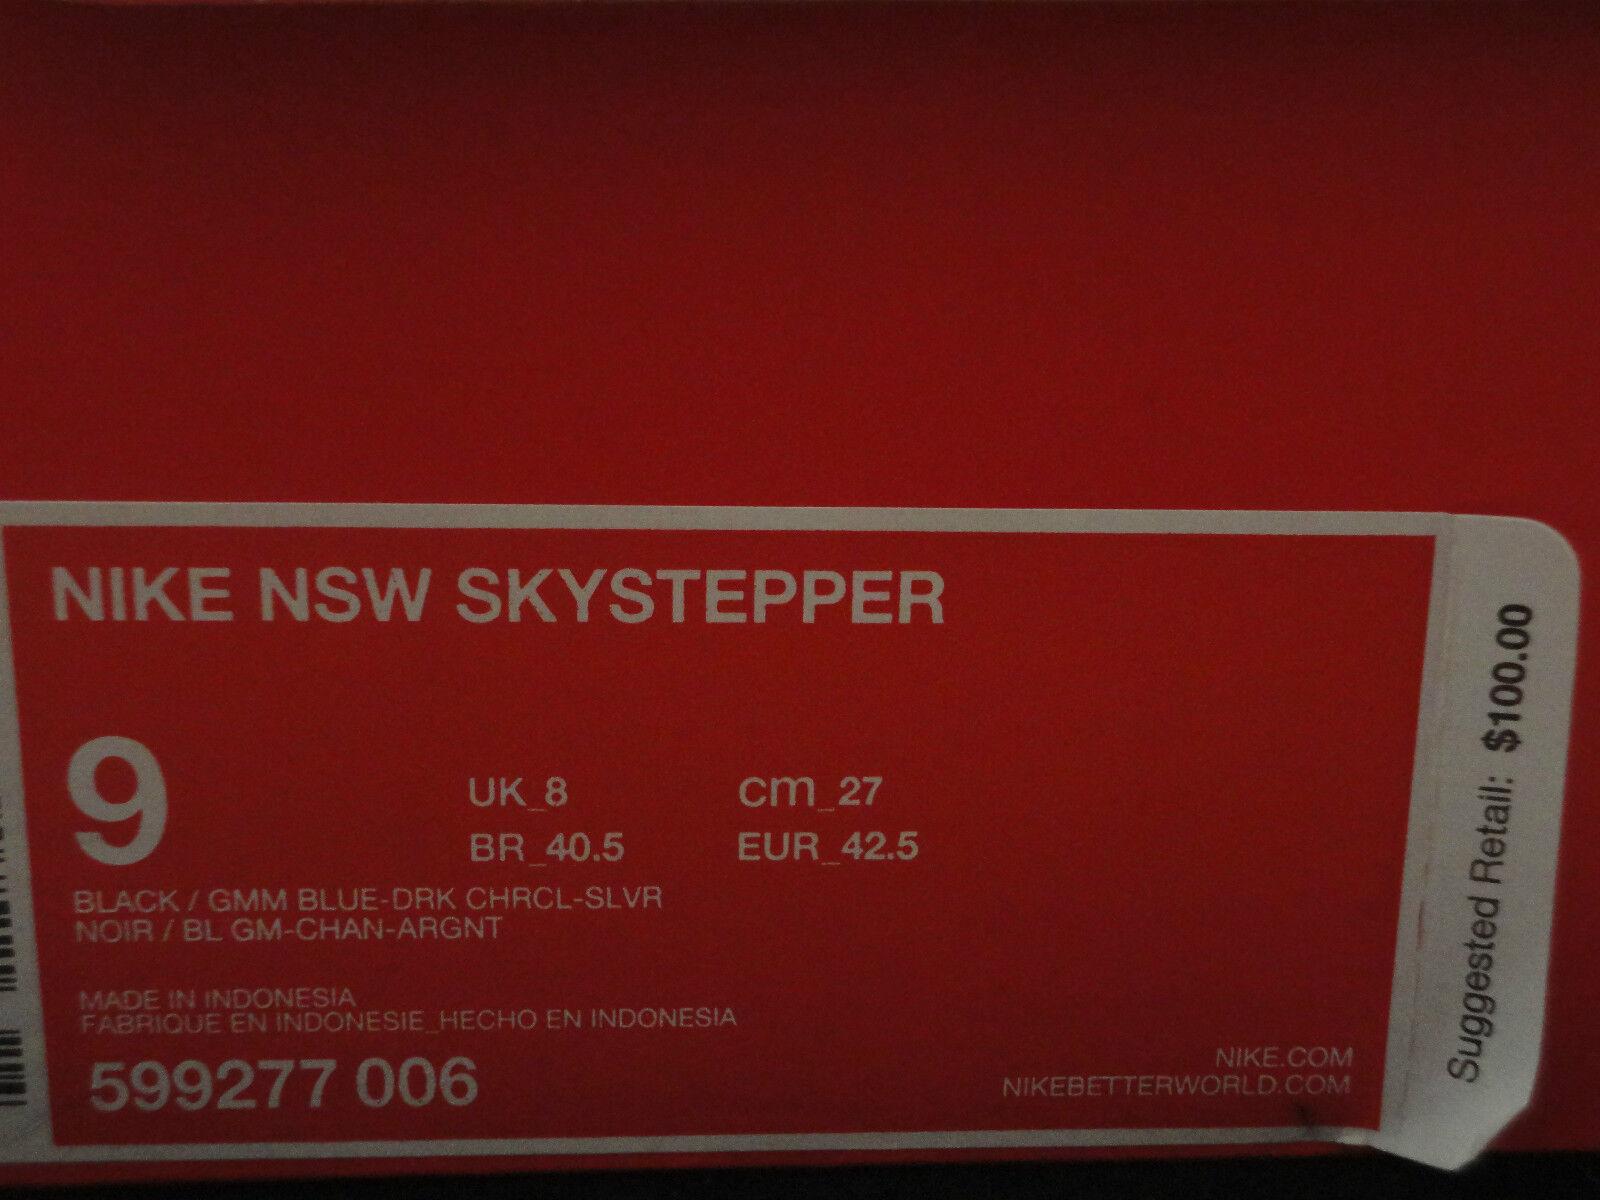 nike nsw yeezy skystepper, schwarz - blau, galaxy yeezy nsw design, größe 9. ab72f7